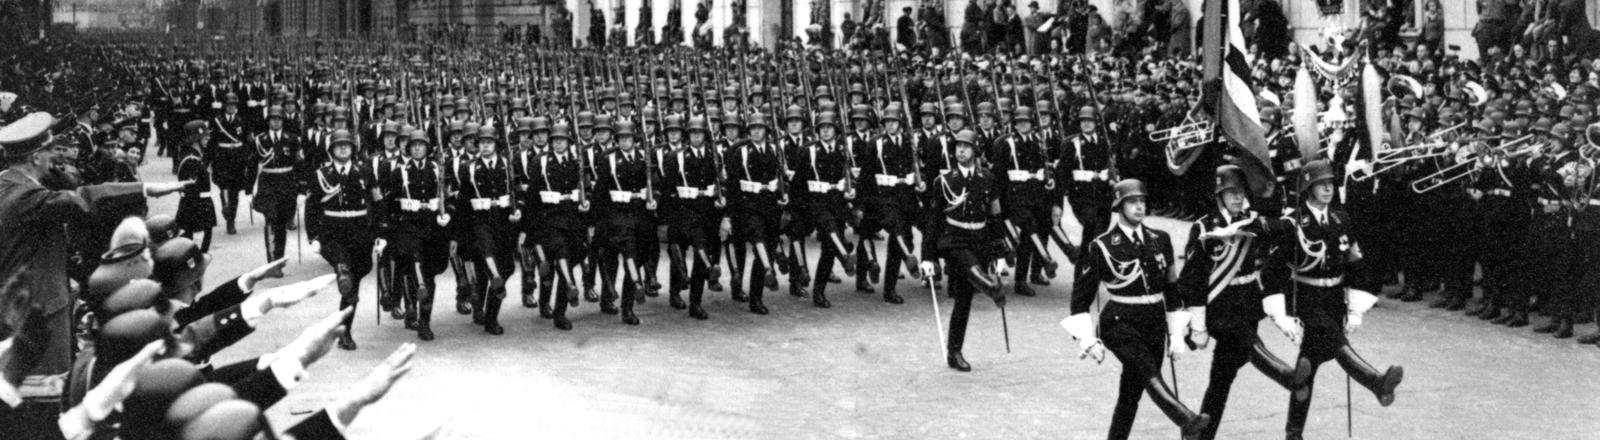 Mitglieder der SS marschieren an Adolf Hitler, der seinen rechten Arm zum Gruß erhoben hat (Bildrand links), vorbei.